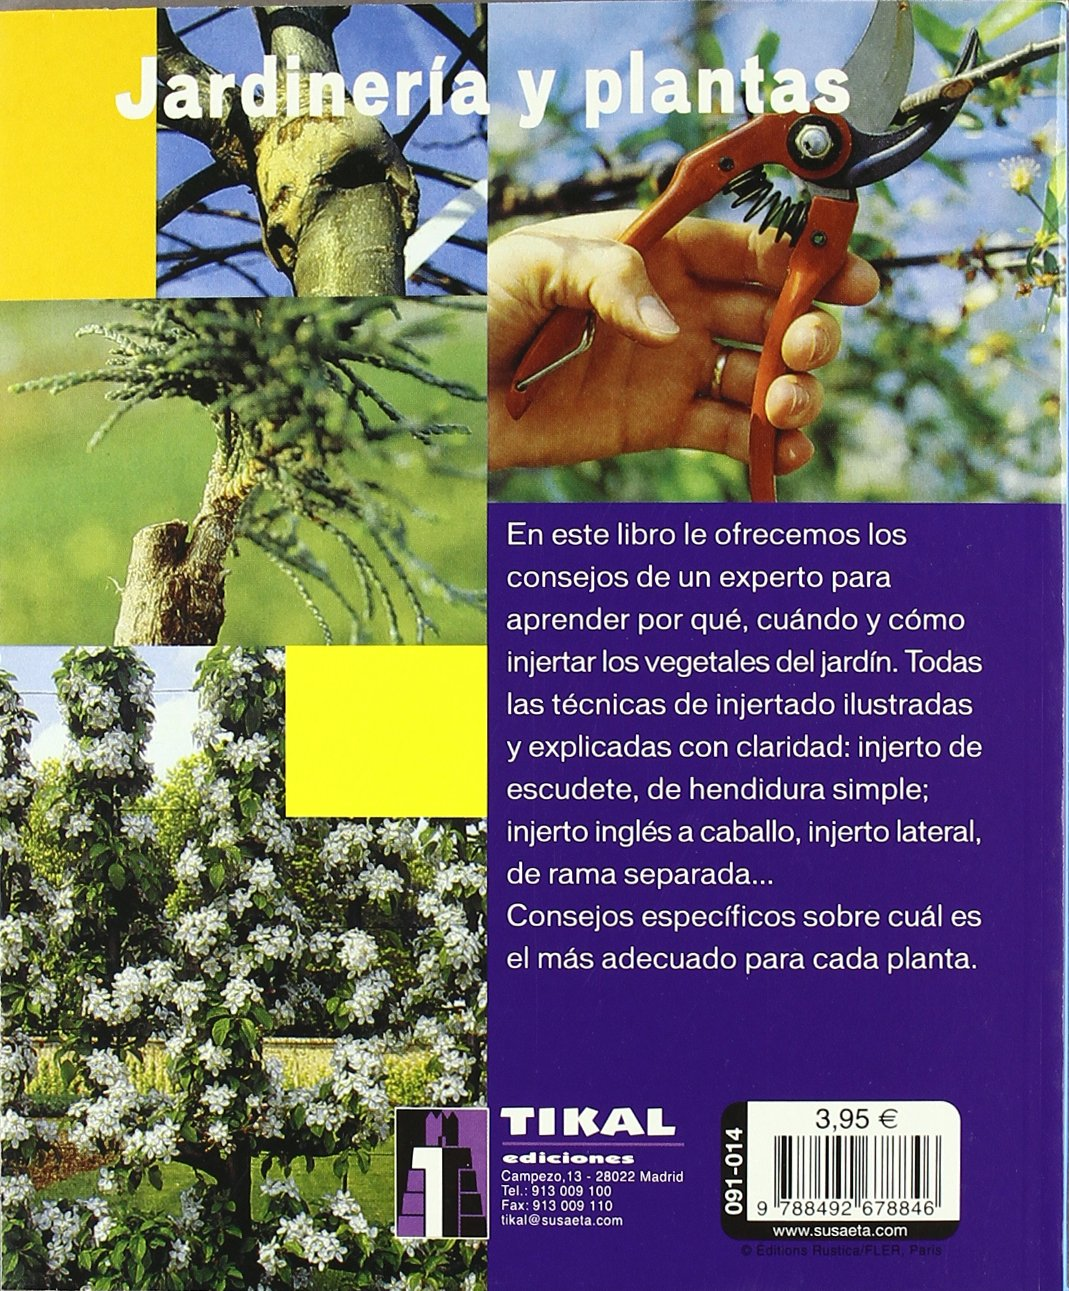 Injerto. Todos Los Metodos Explicados Paso A Paso Jardineria Y Plantas  Jardinería Y Plantas: Amazon.es: Patrick Mioulane: Libros